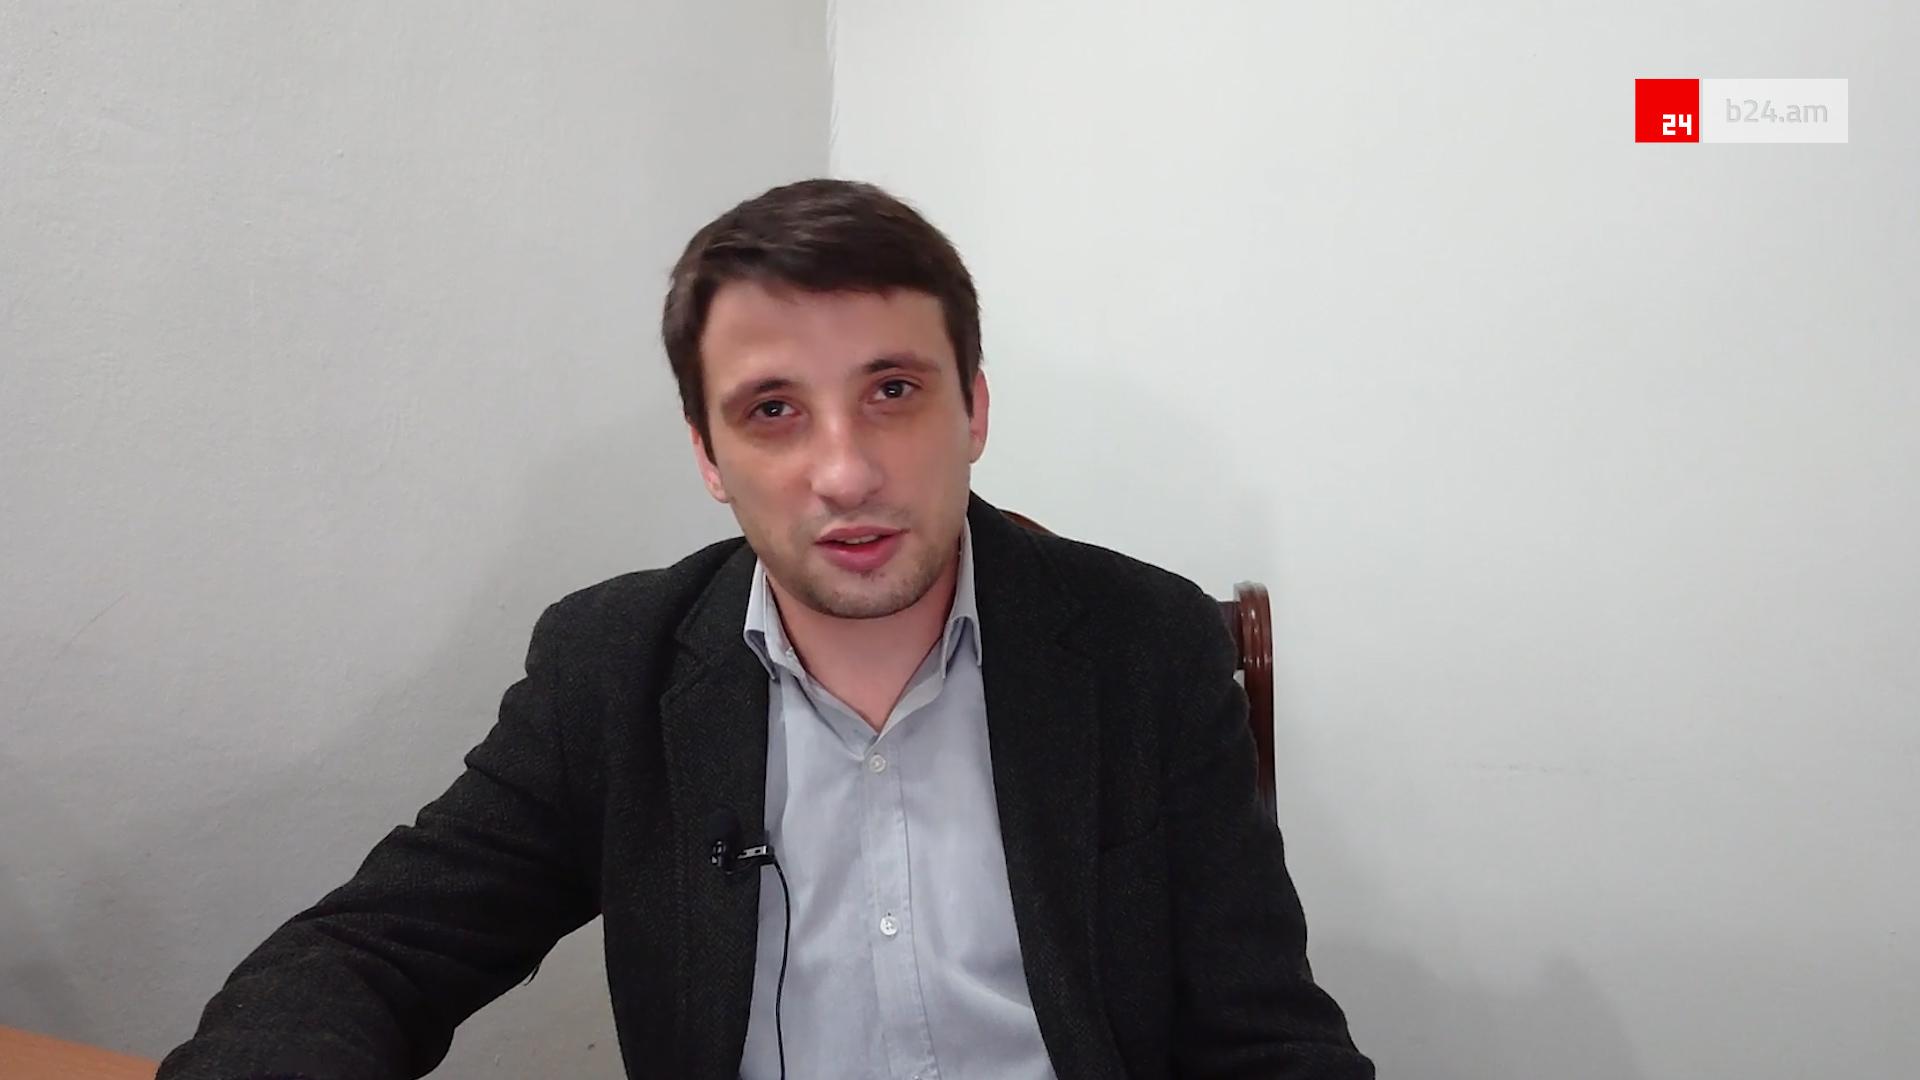 Արայիկ Պապյան. Օտարերկրյա ներդրողի հետ աշխատանքում պետությունը պետք է չափազանց զգուշավոր լինի. տեսանյութ